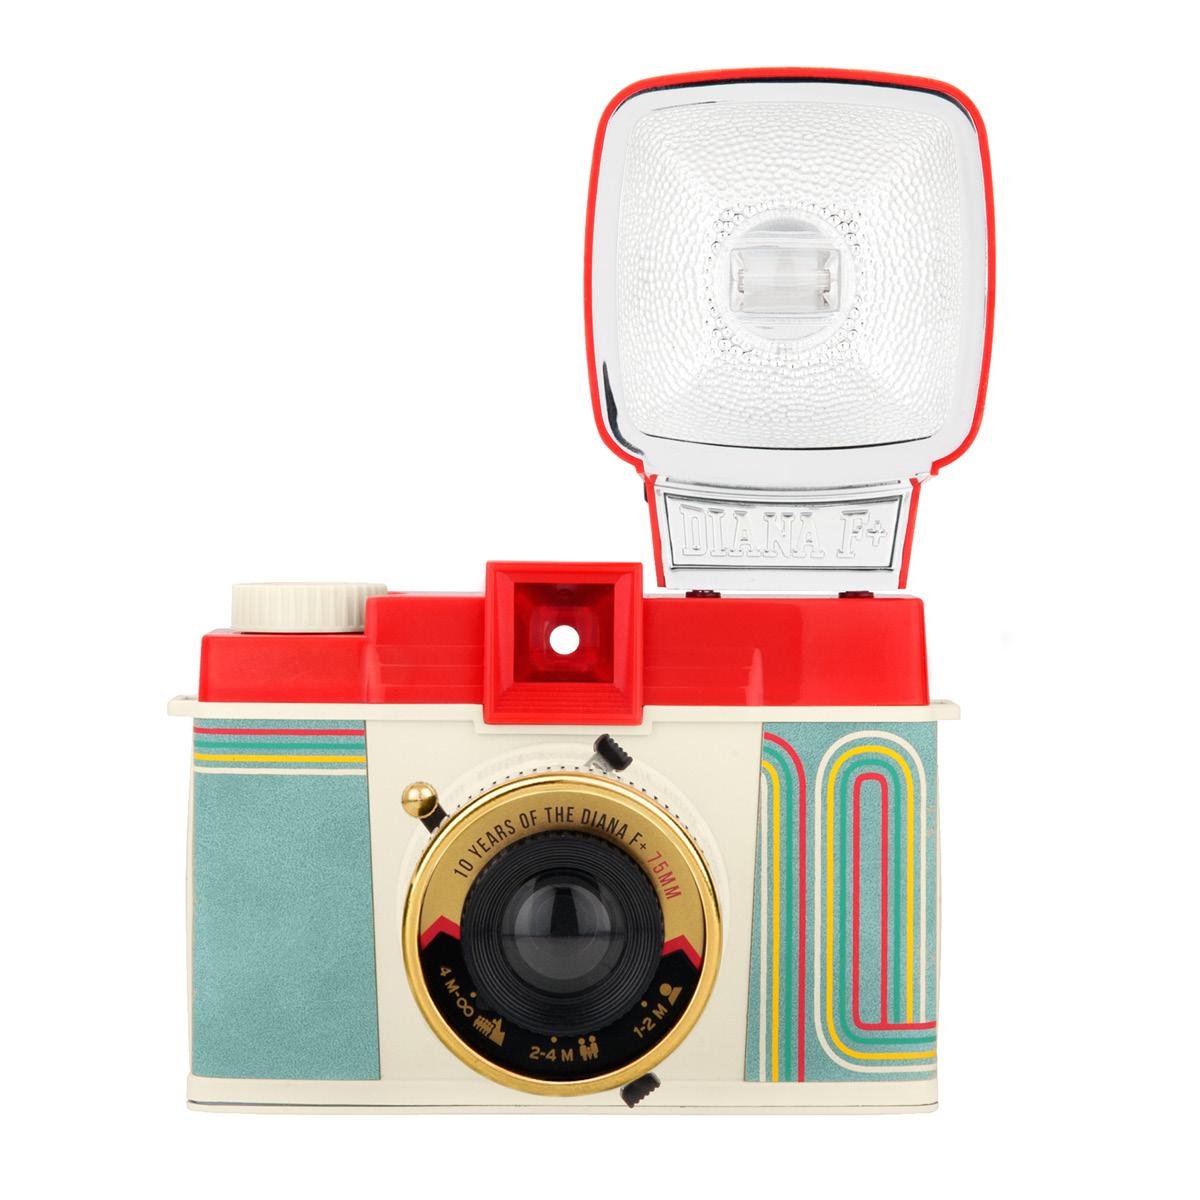 Lomo Diana F+ Camera 10 Years Edition